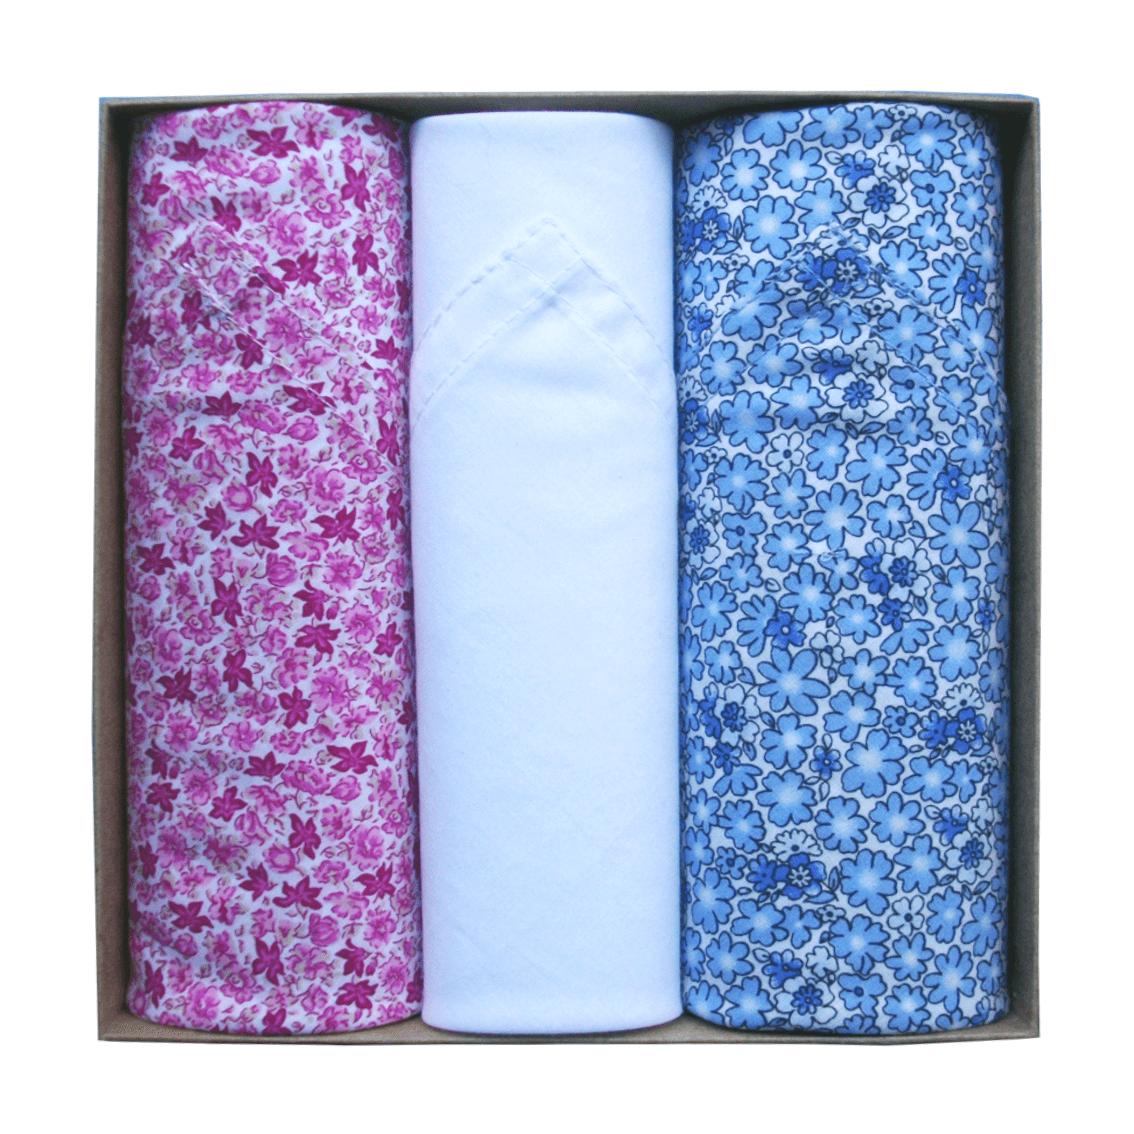 Coffret de 3 mouchoirs Tamielle floral handkerchief - cassisroyal.com